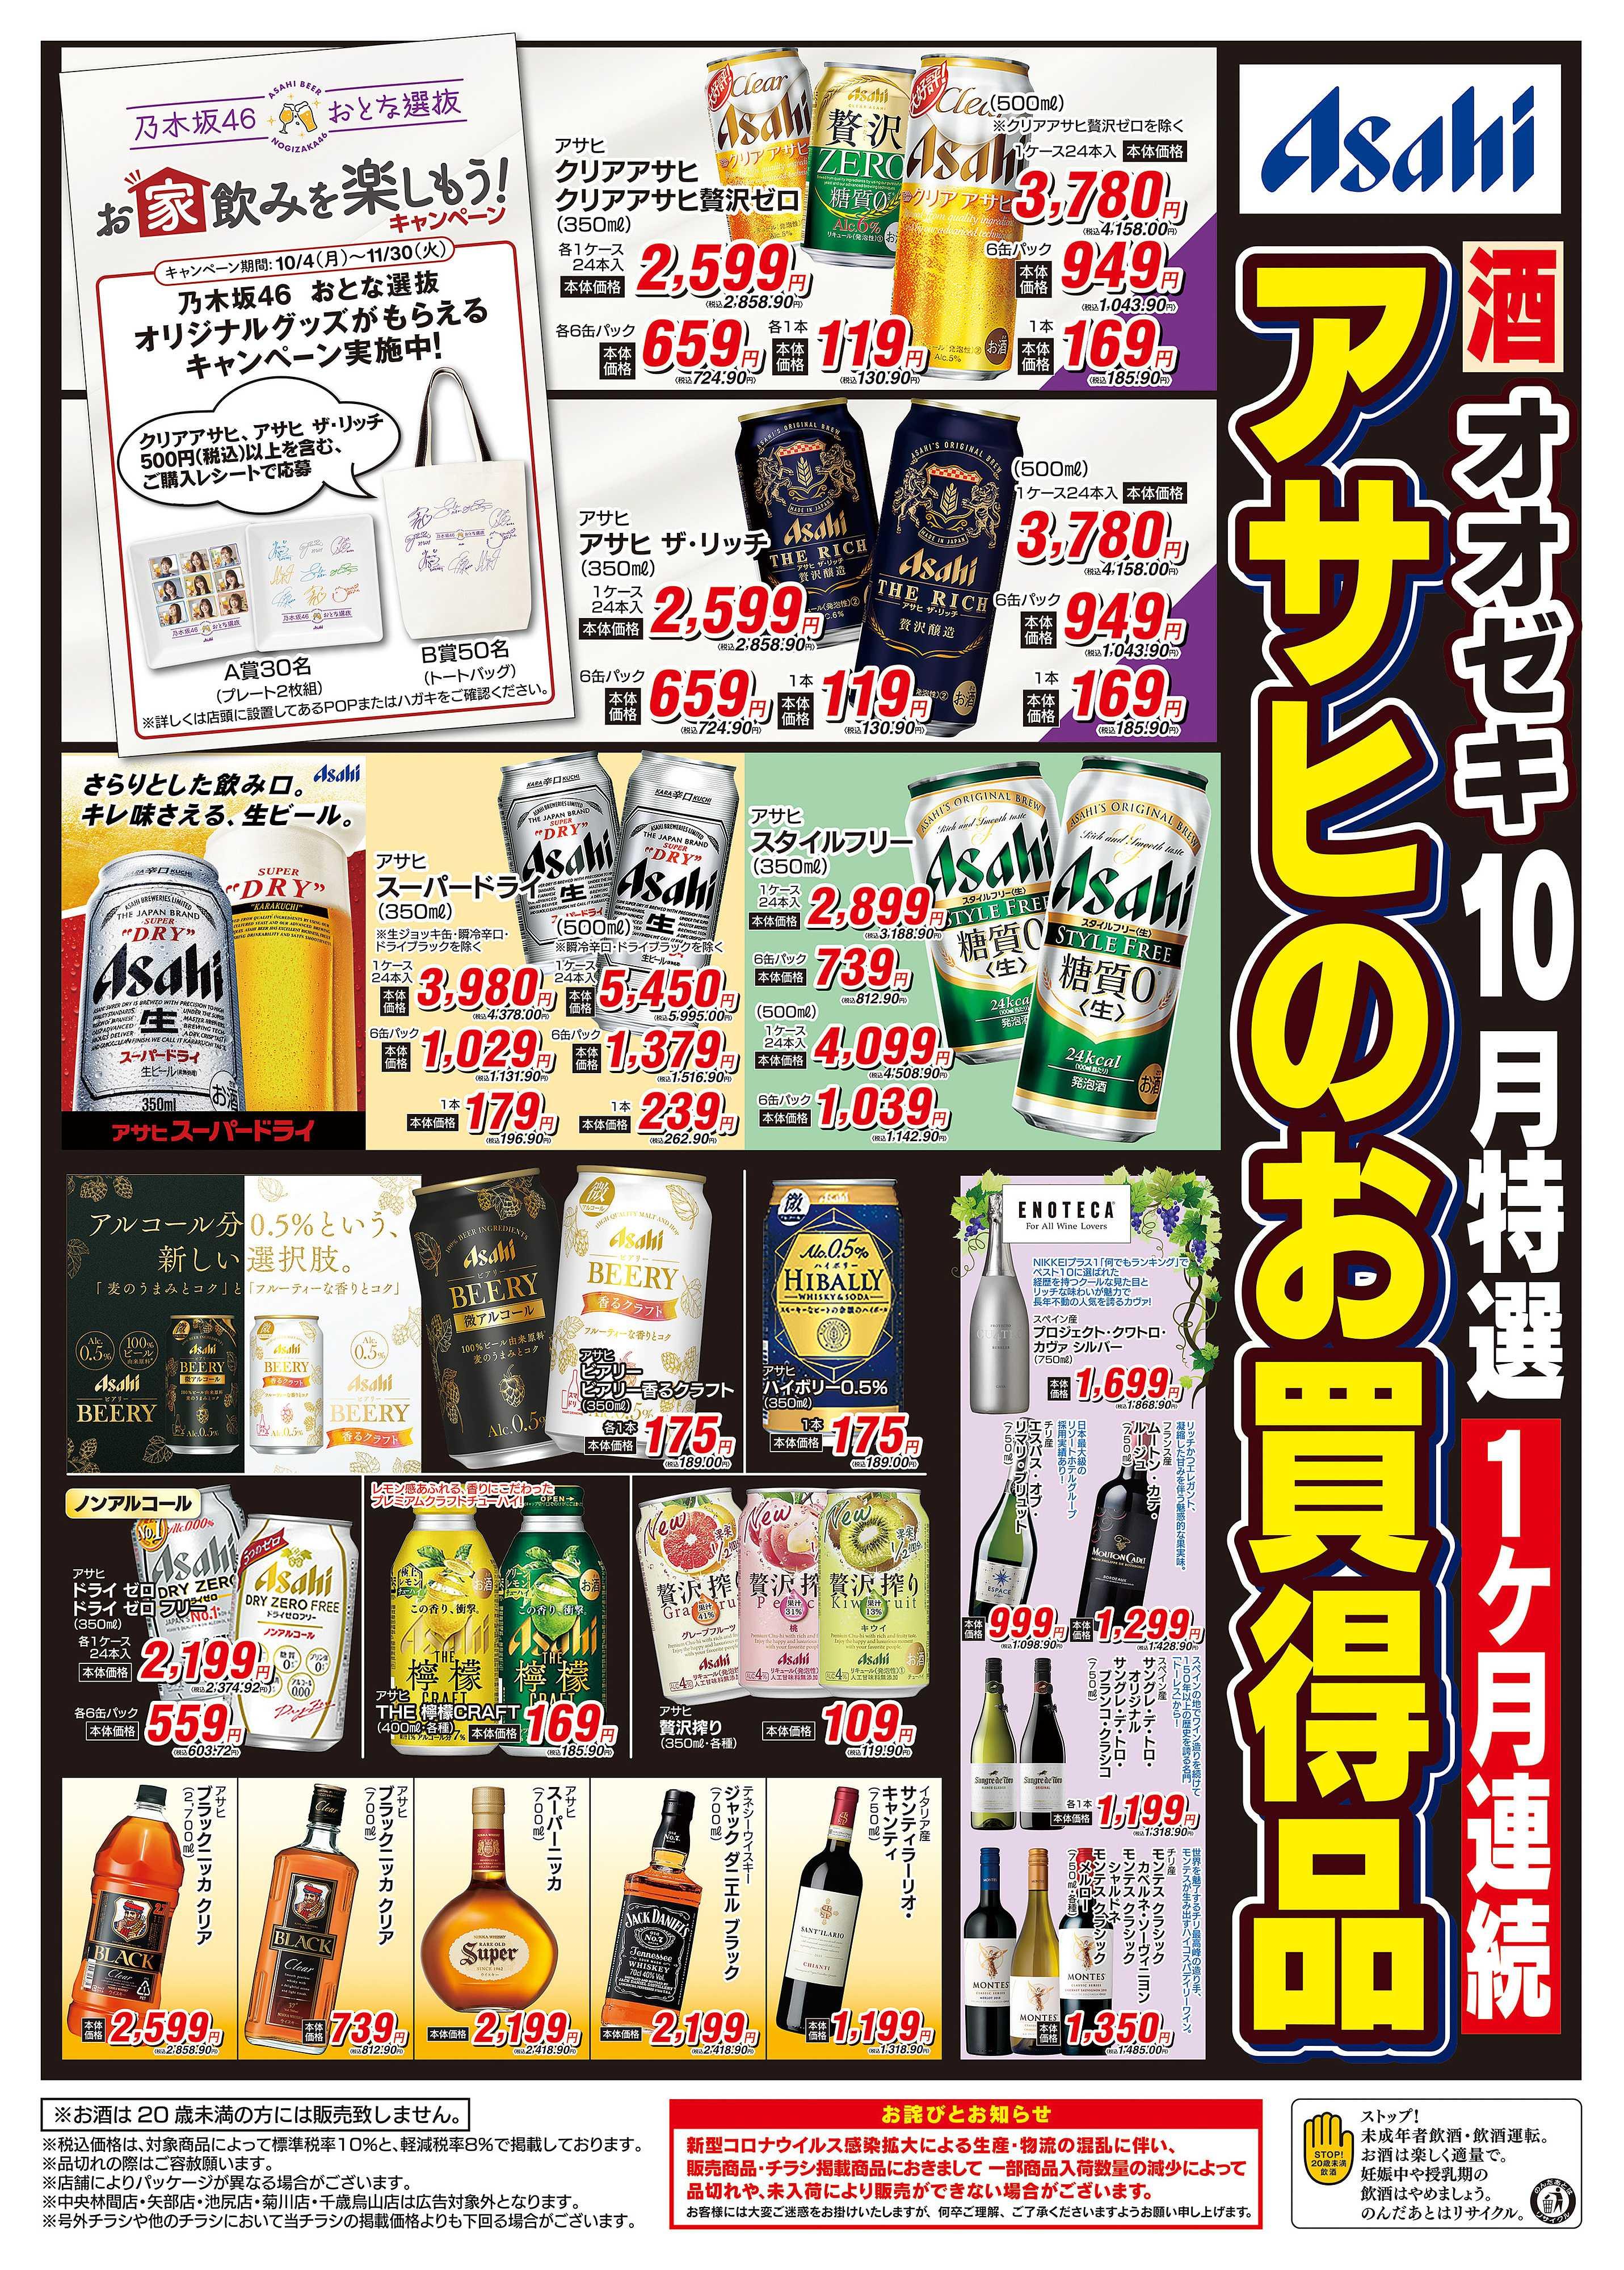 オオゼキ 10月 1ヶ月連続 酒 アサヒのお買得品